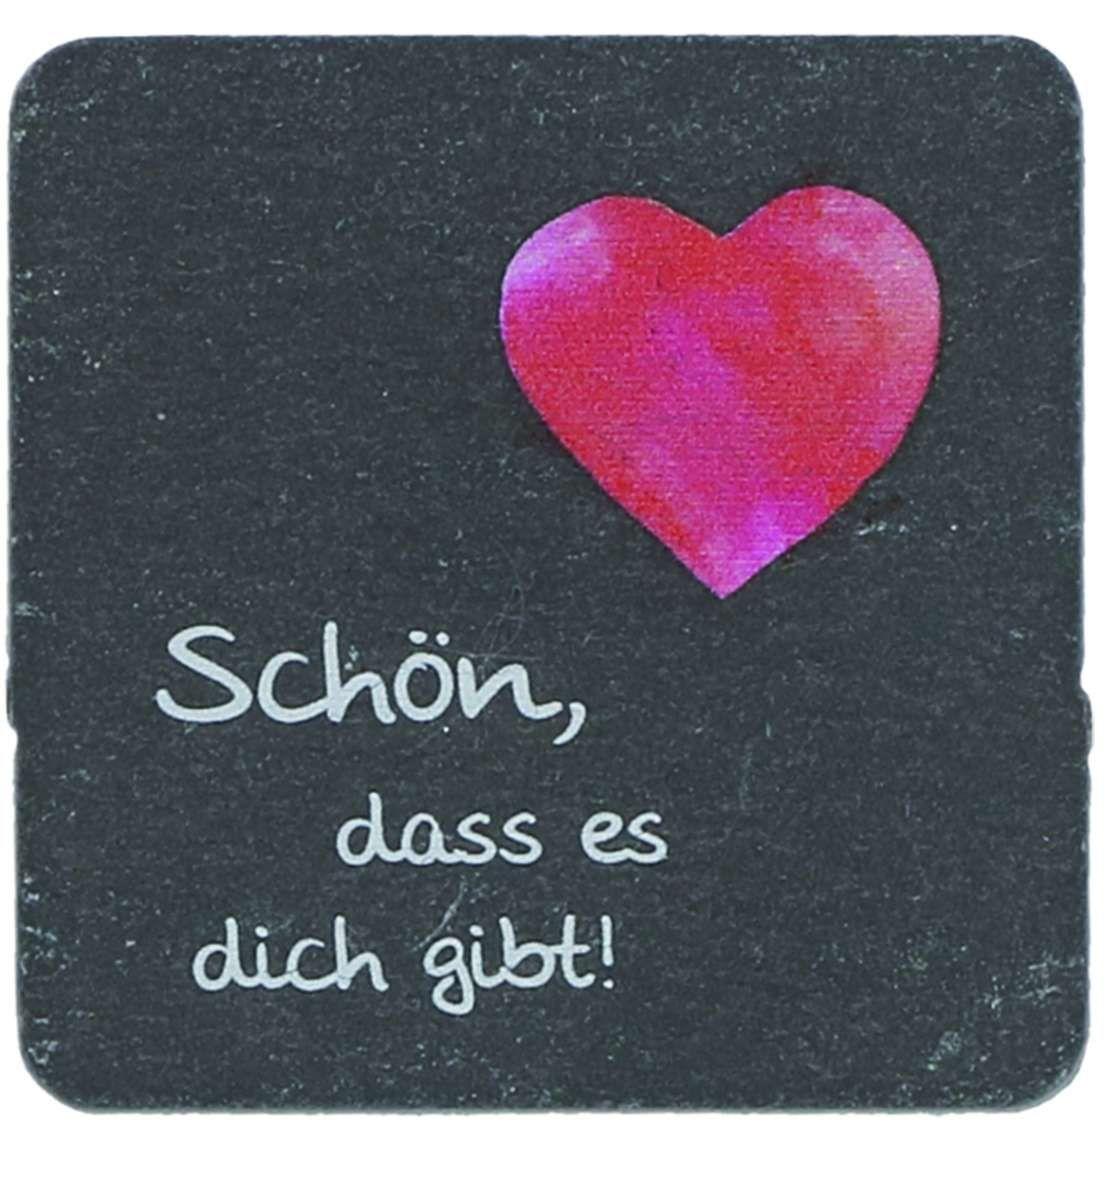 SchieferMagnet Schön, dass es dich gibt! | Valentines